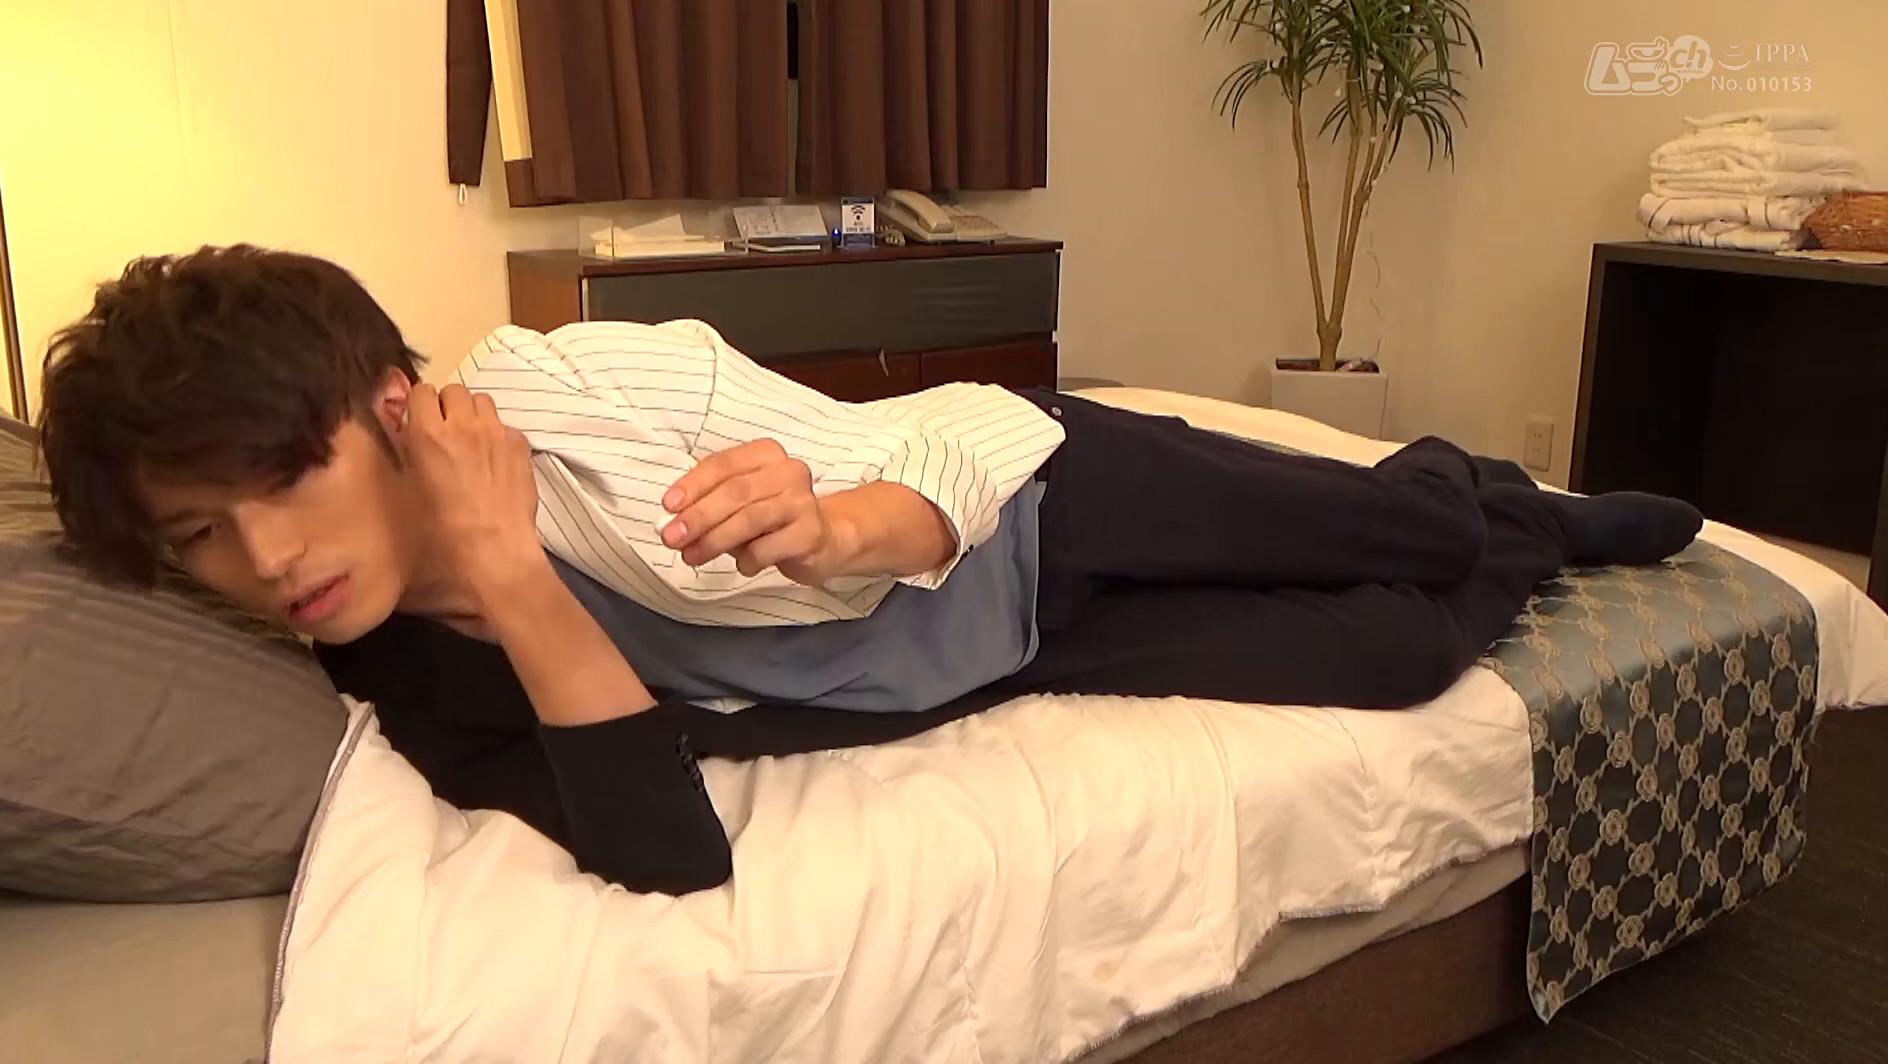 オトコノコのオナニー カイトさん29歳